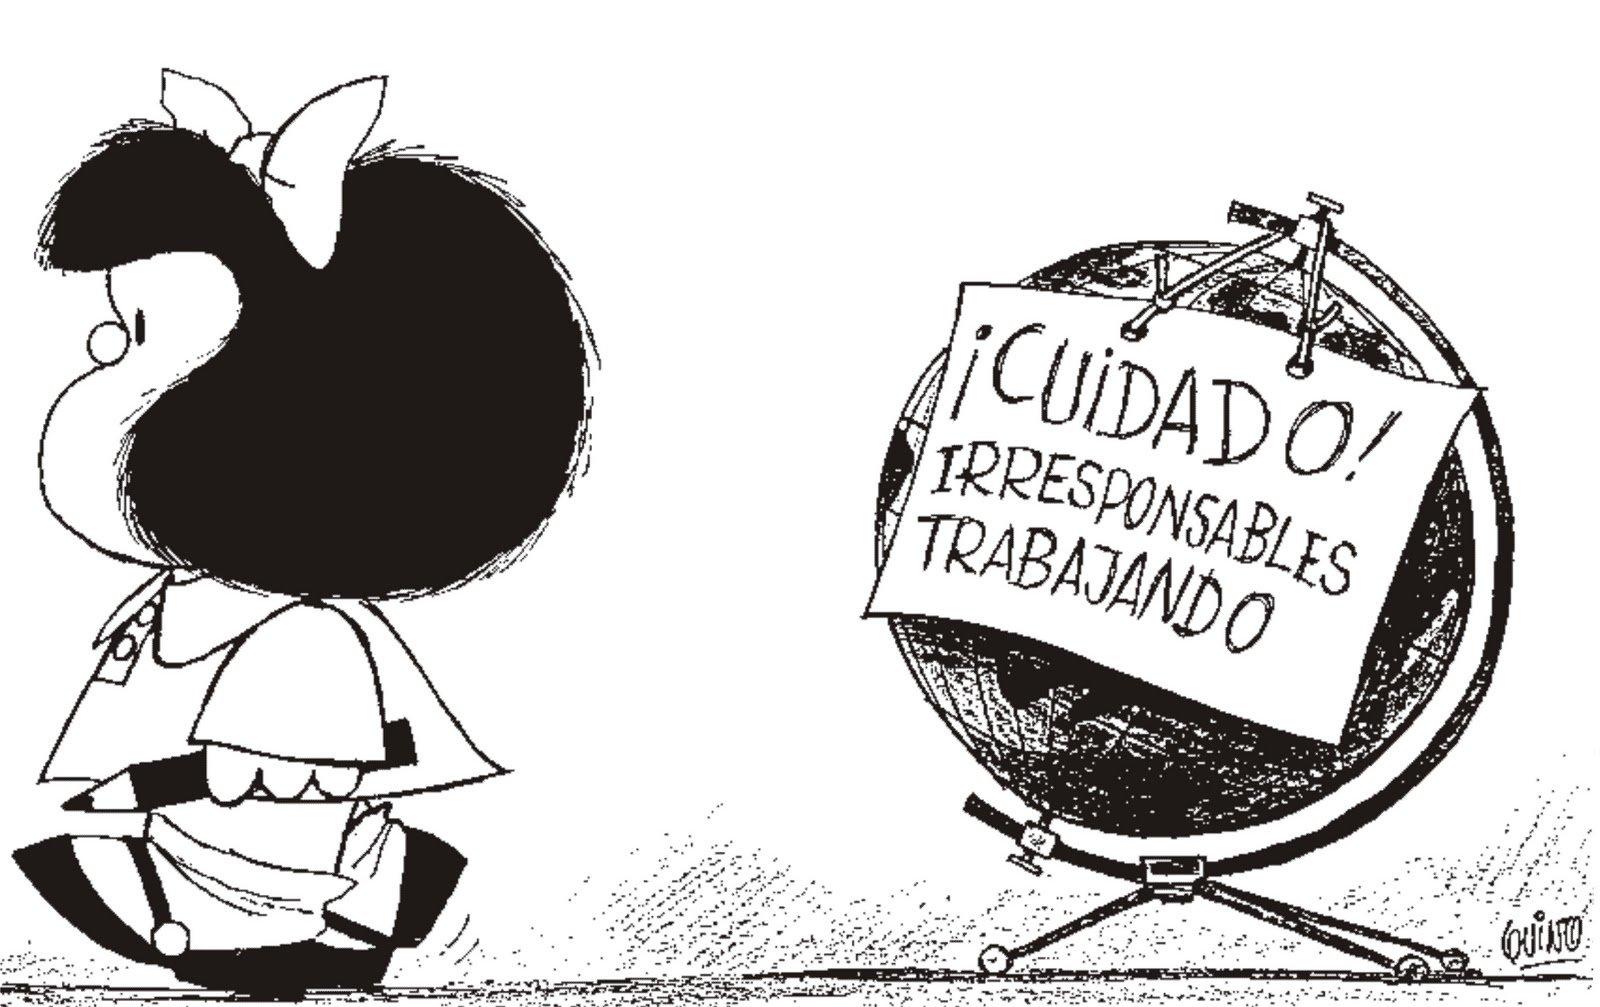 UNIVERSO DOS LEITORES: Mafalda em 10 tirinhas realistas e atuais!